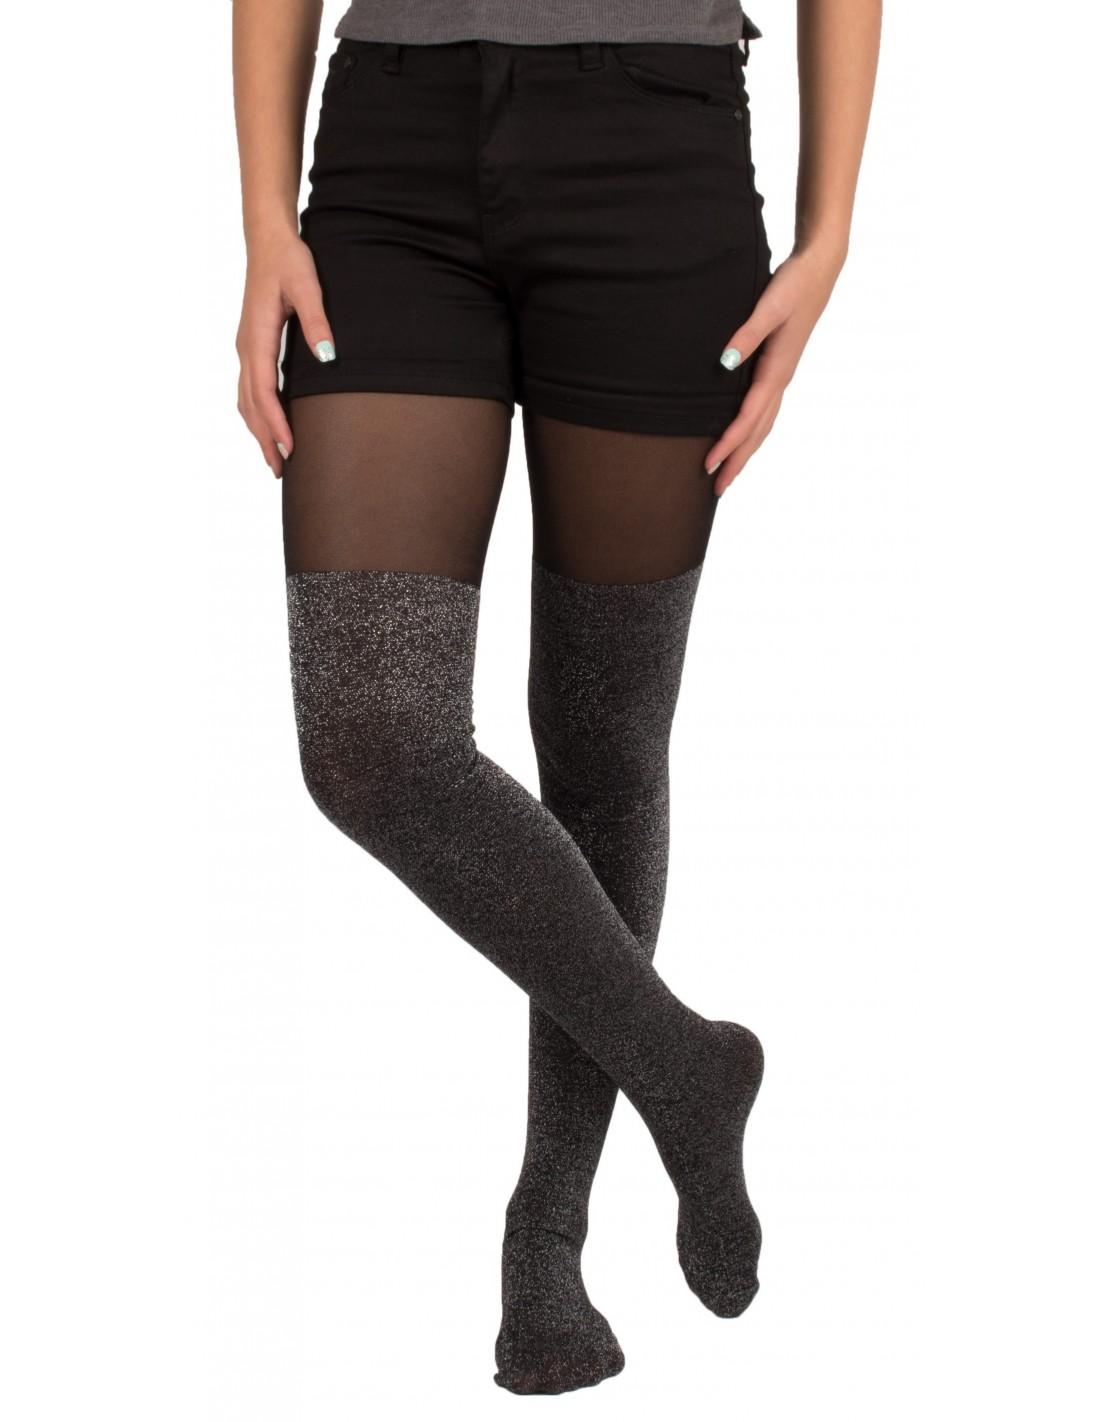 Collant femme noir et demi jambe pailletée. d4790568719